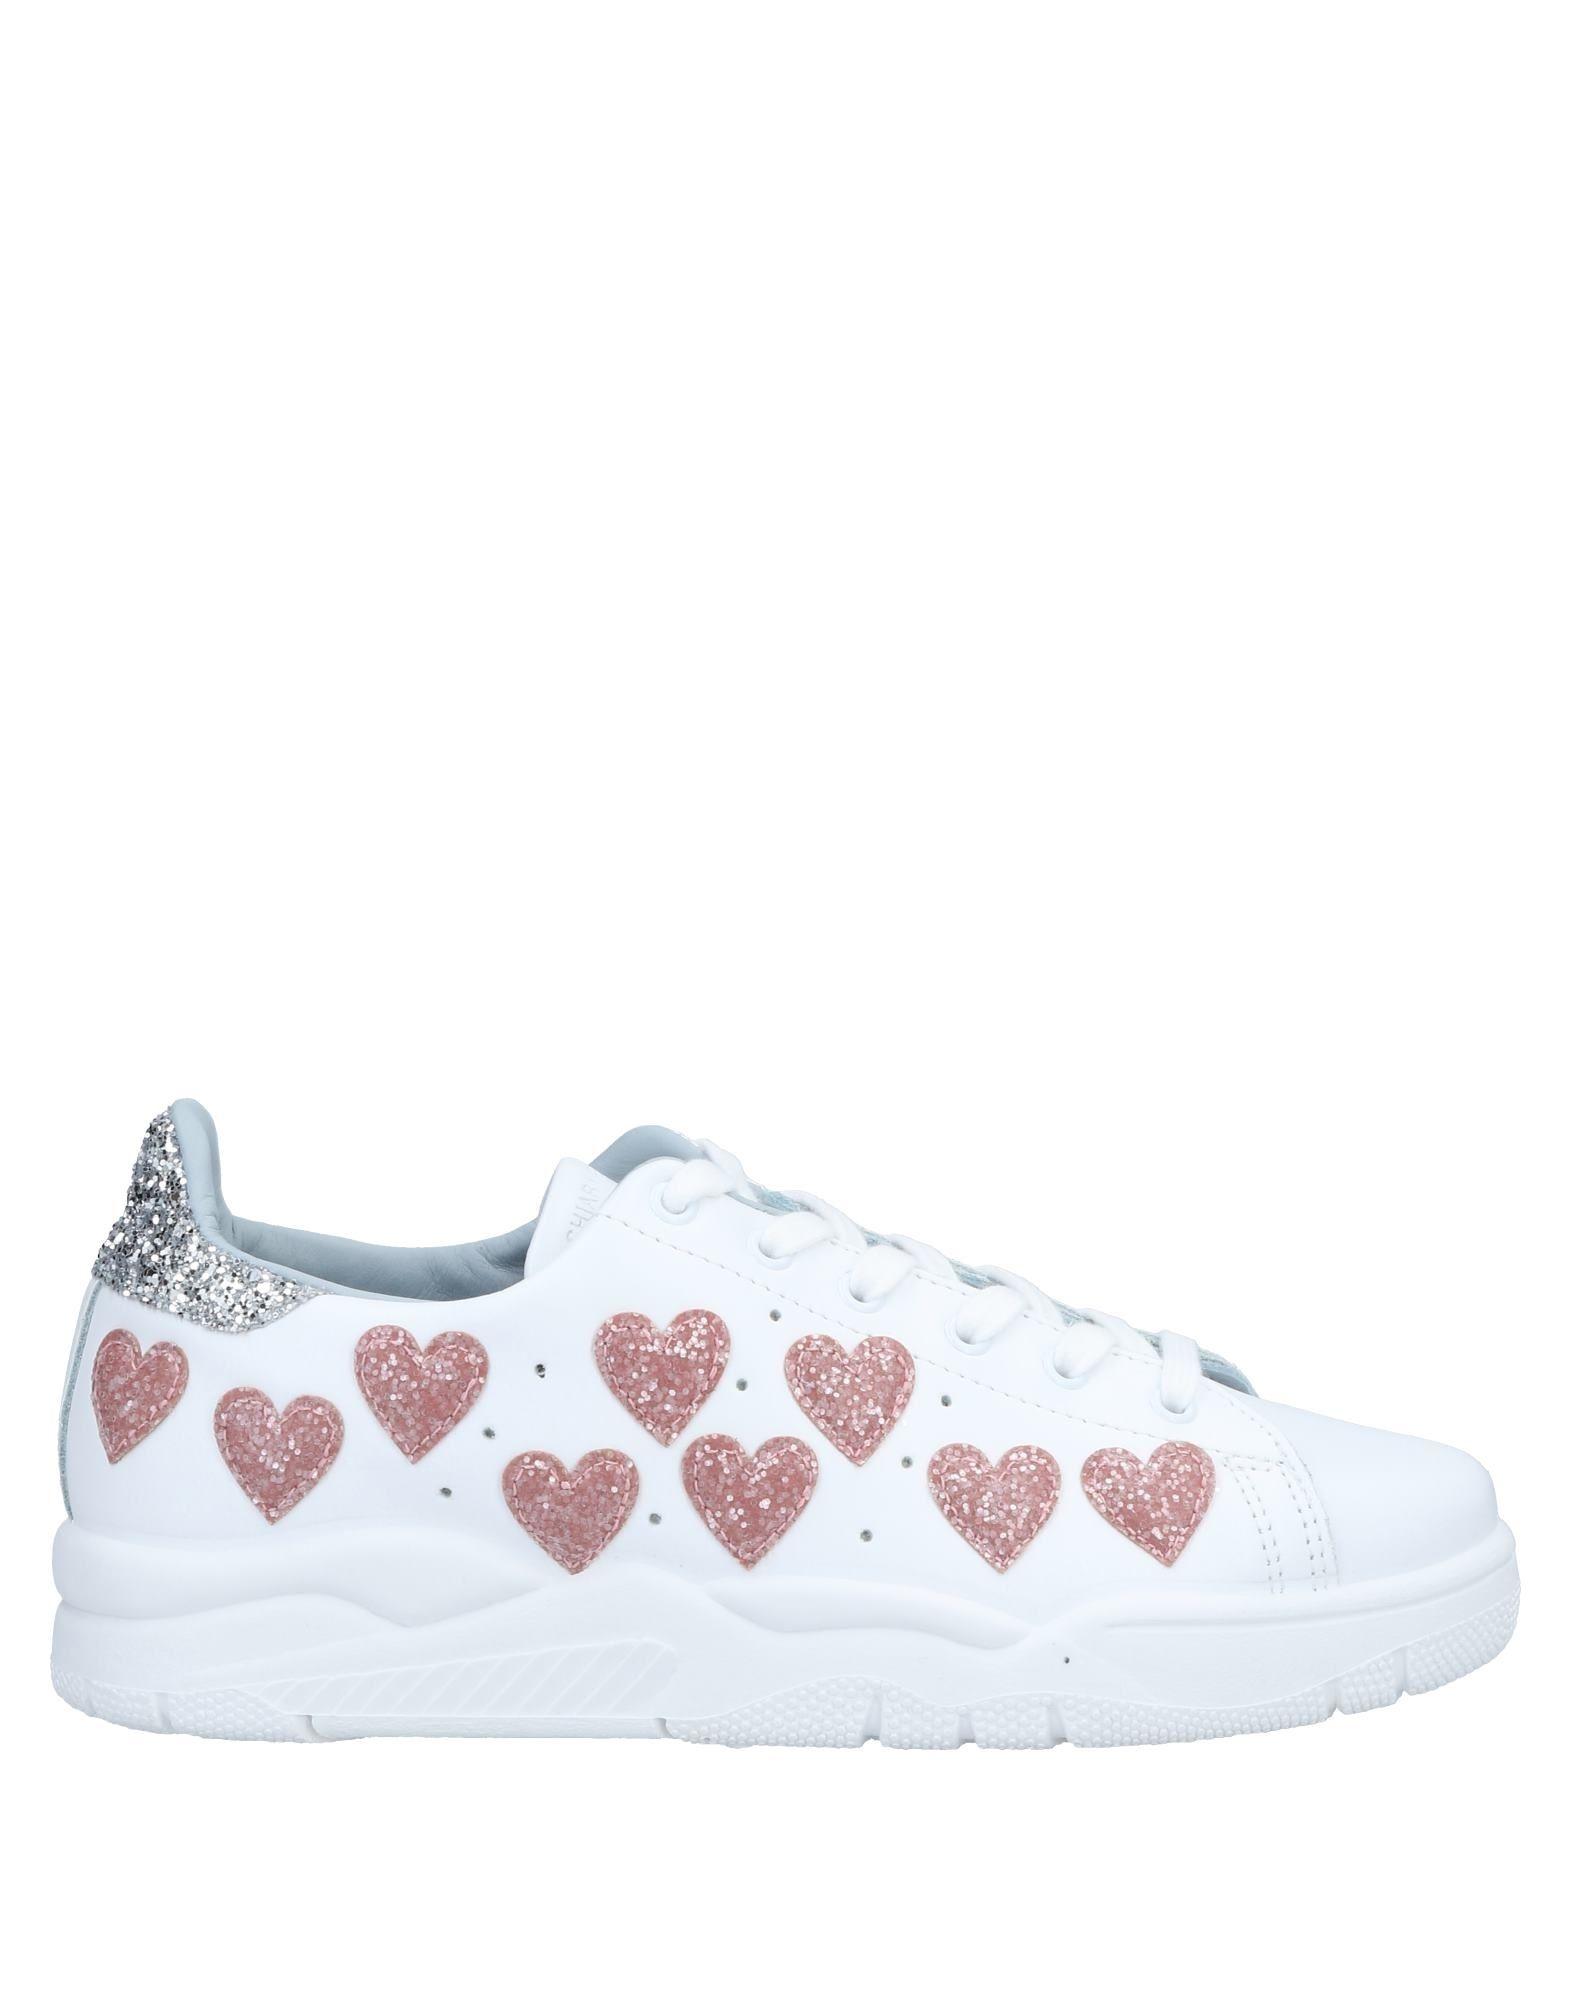 Chiara Ferragni Sneakers - Women Chiara Ferragni Sneakers - online on  Canada - Sneakers 11564750OG fea223